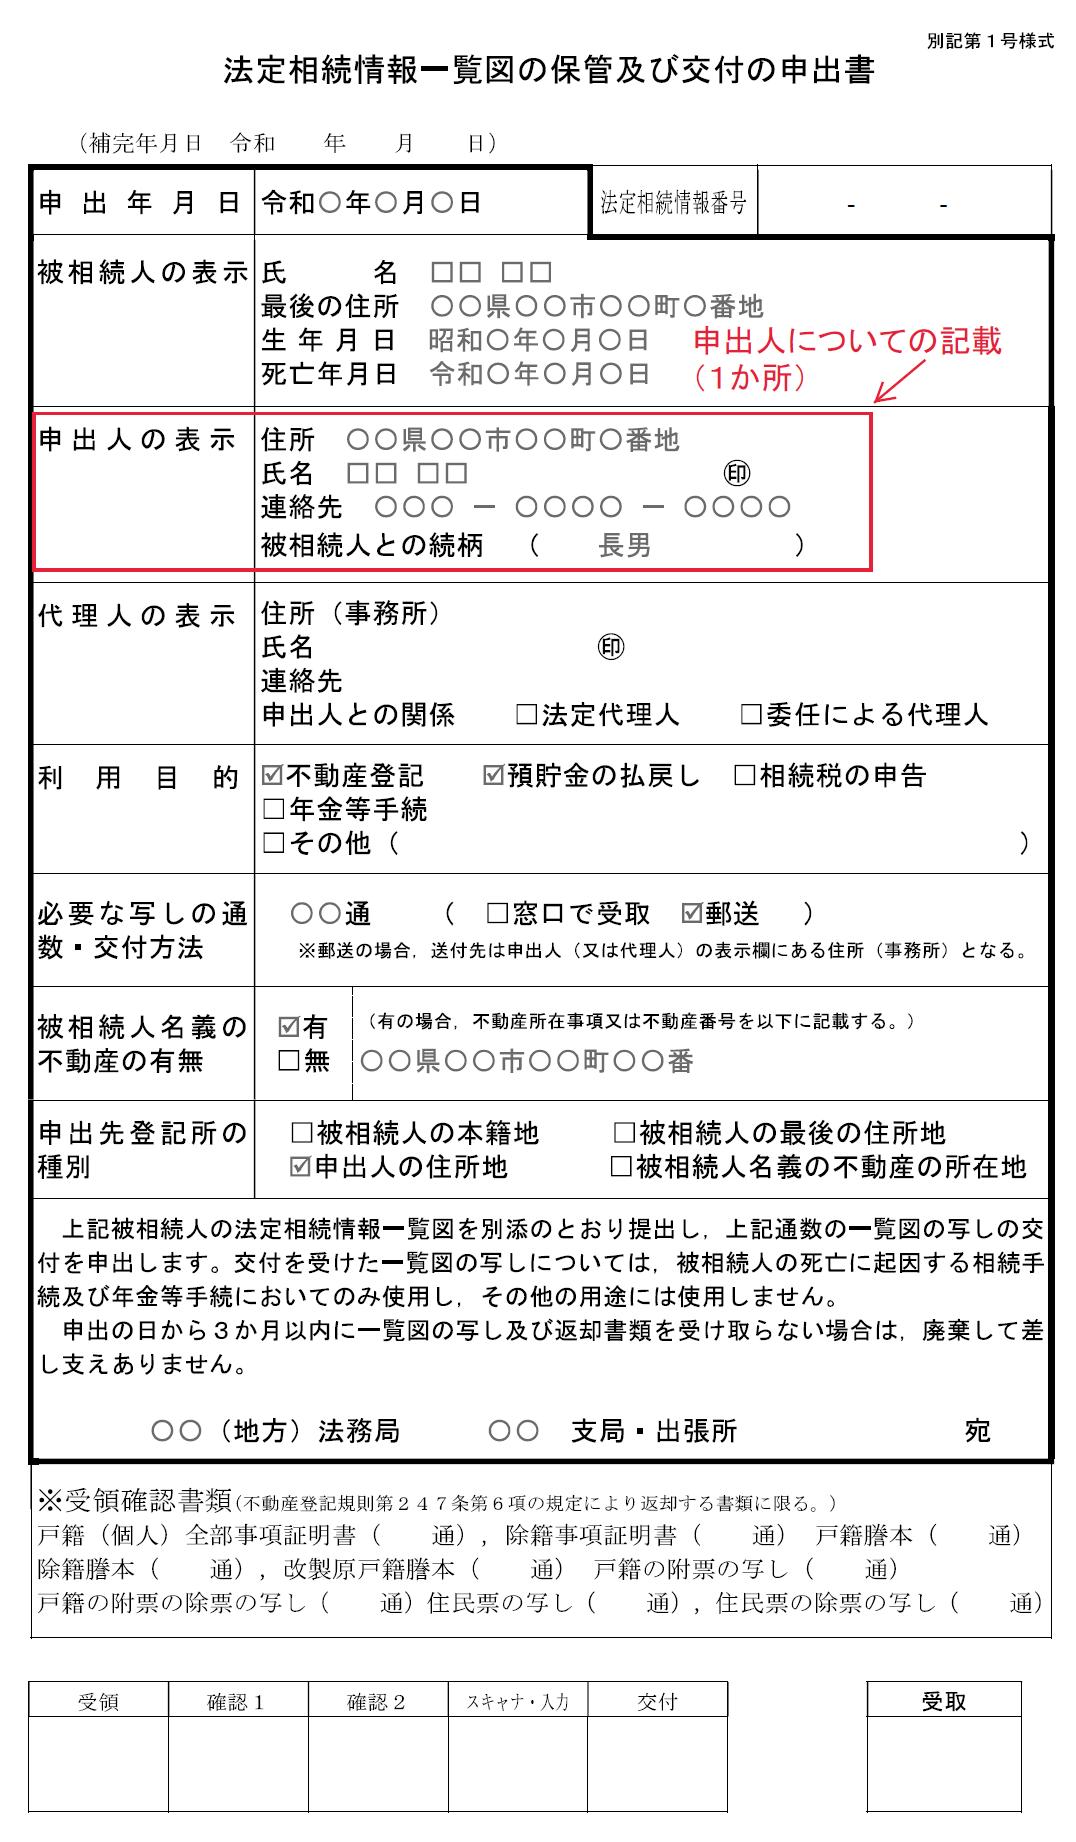 申出書で申出人の記載箇所と記載方法